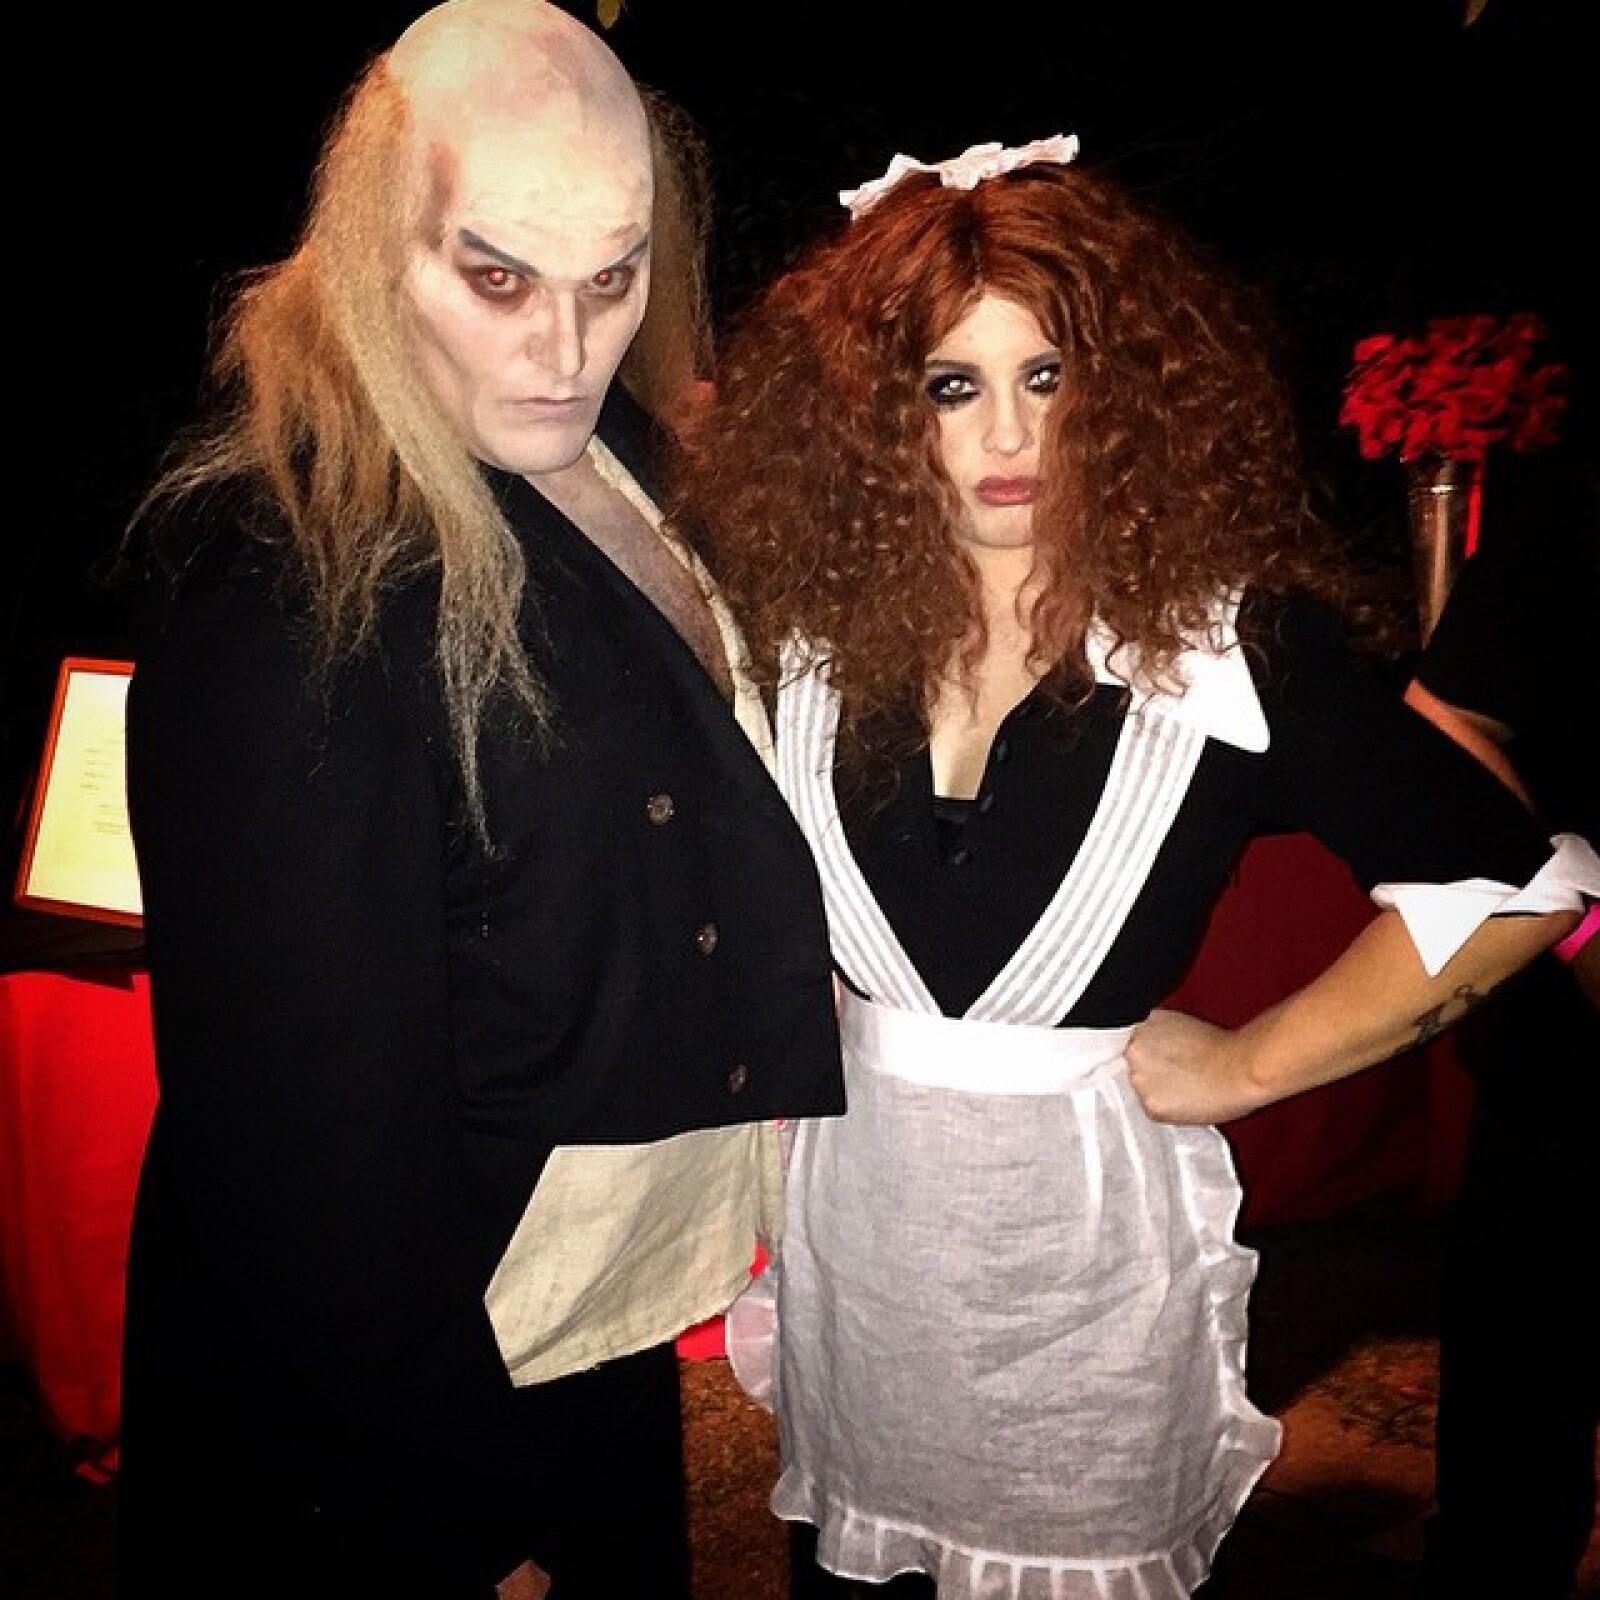 Hace unos días, la hija del cantante Ozzy Osbourne celebró su cumpleaños disfrazándose de una sirvienta llamada Magenta.